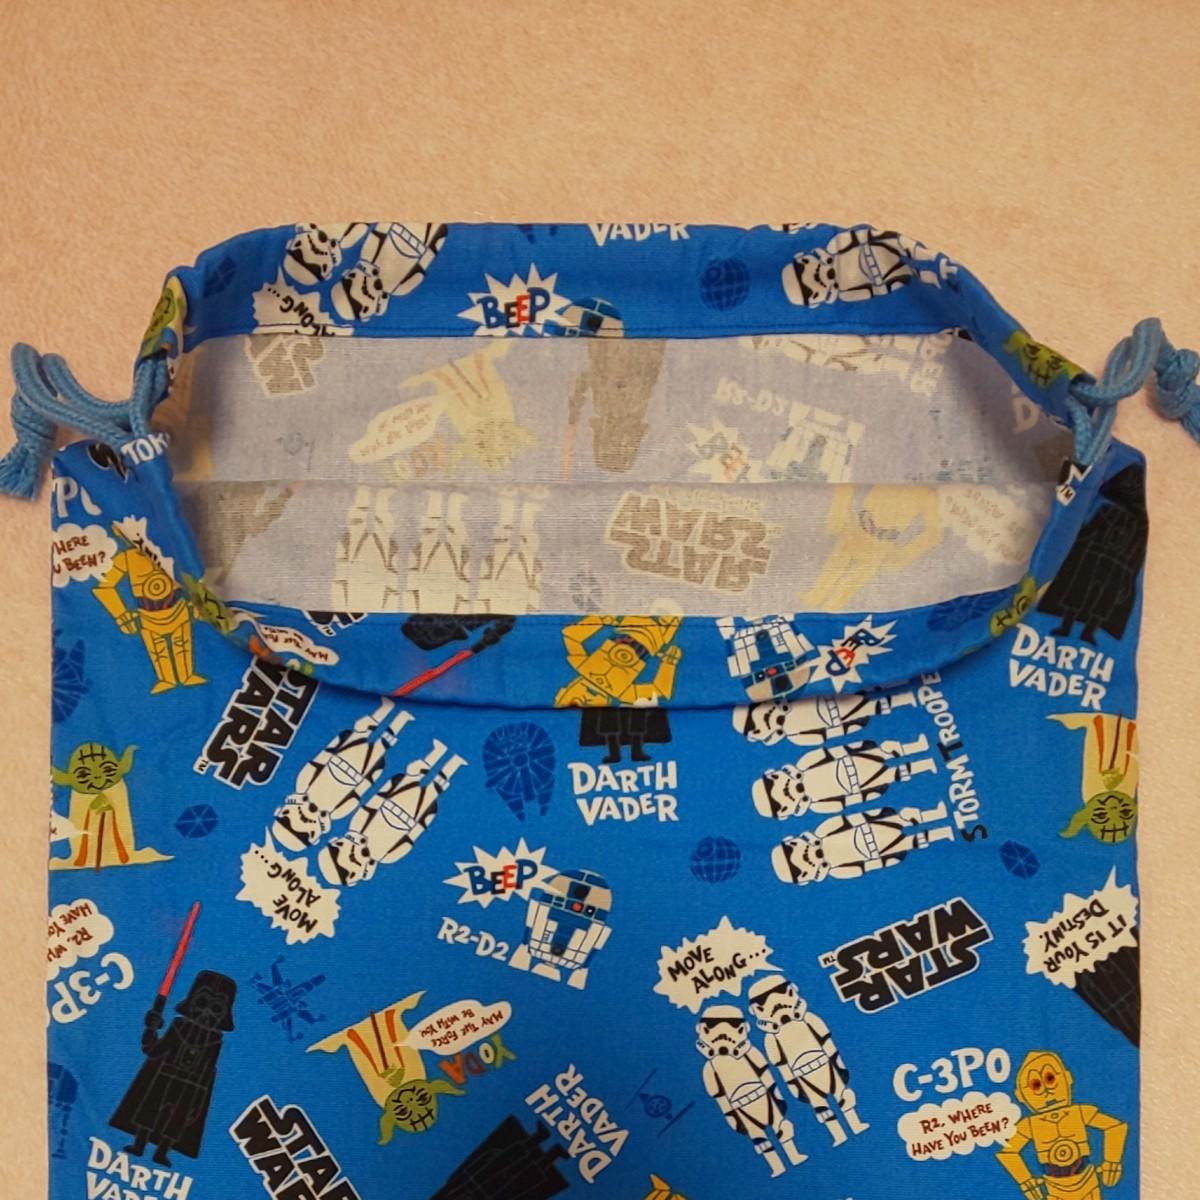 子供用エプロン 子供 エプロン 男の子 給食係 三角巾 巾着 スターウォーズ スター・ウォーズ STAR WARS ハンドメイド